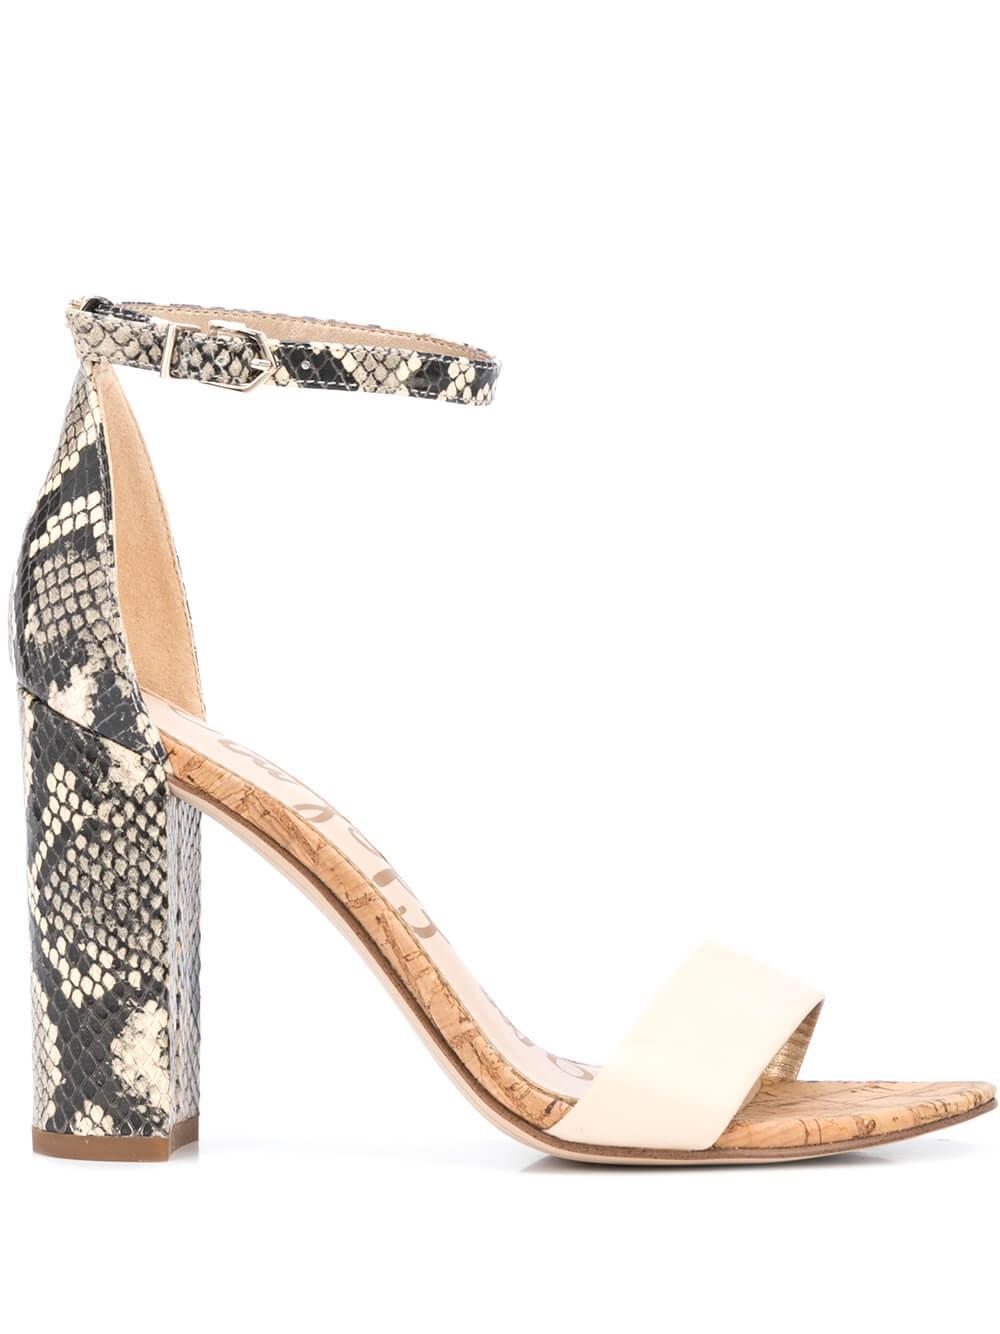 Yaro Leather Snake Block Heel Sandal Item # YARO-SNK